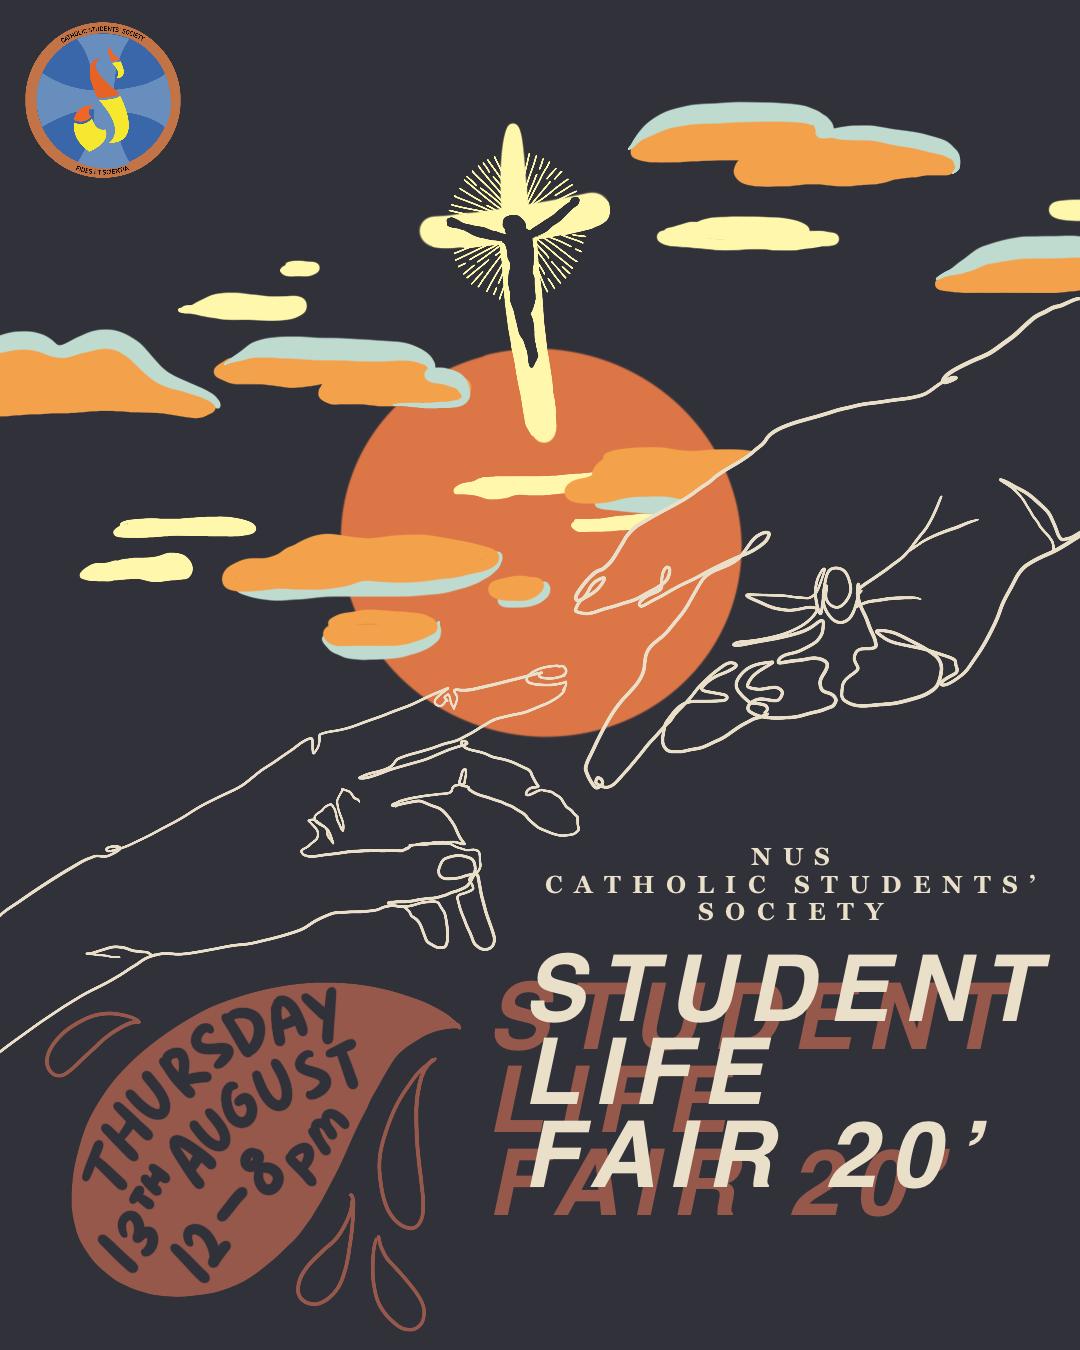 Student Life Fair 2020